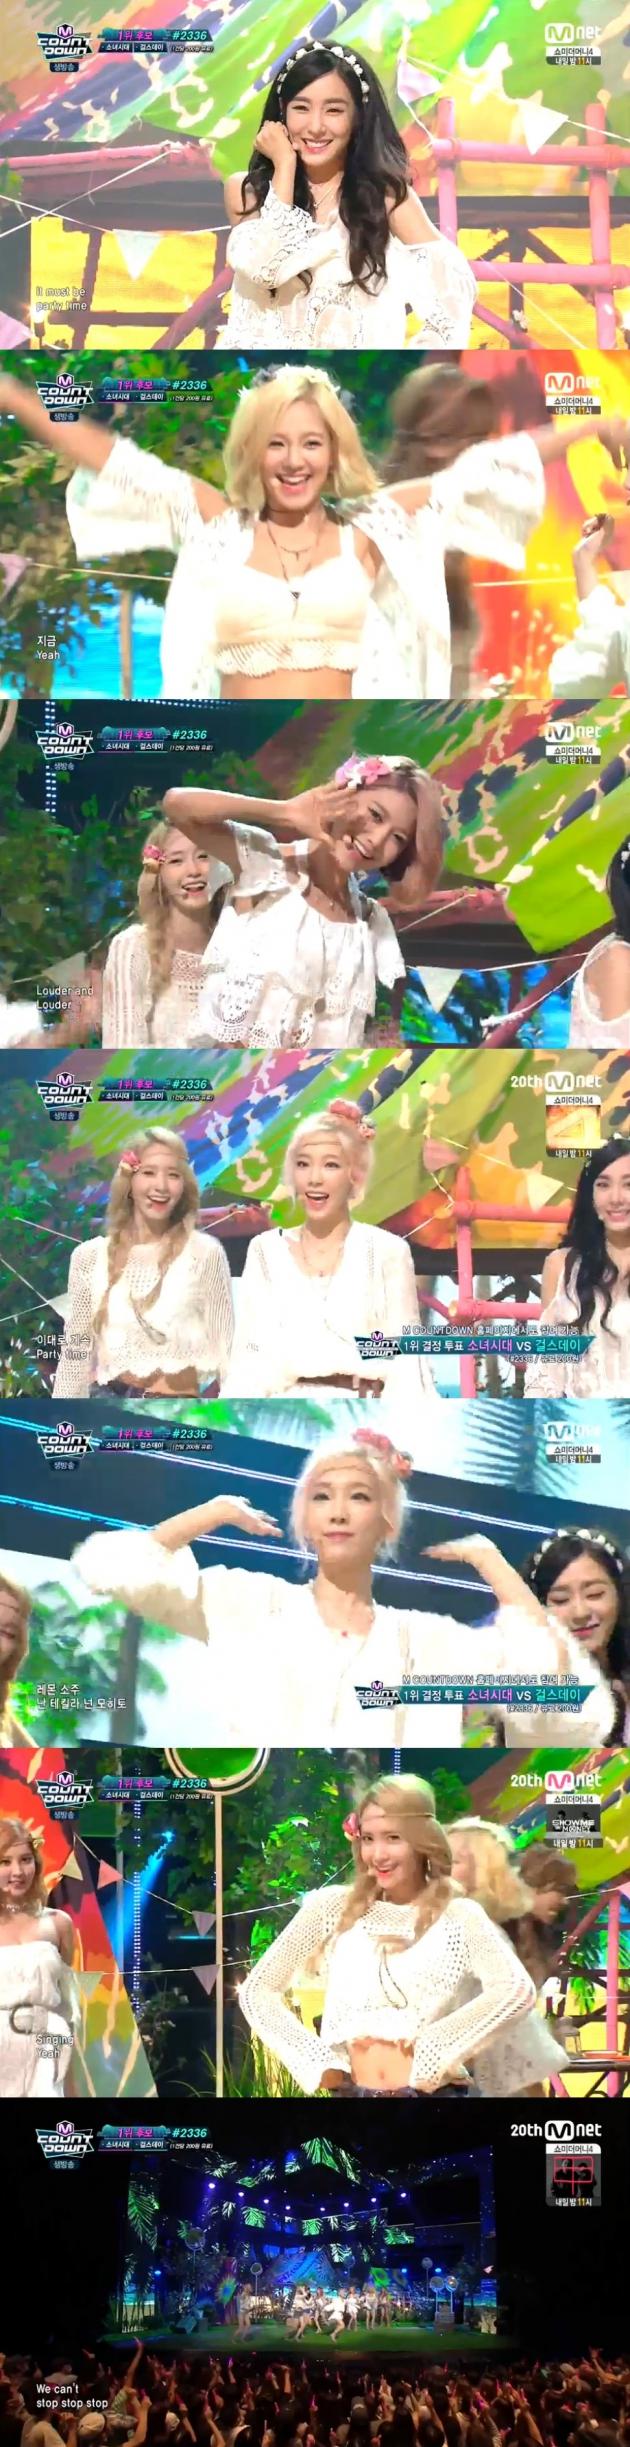 '엠카운트다운' 소녀시대 / '엠카운트다운' 소녀시대 사진=mnet 방송 캡처